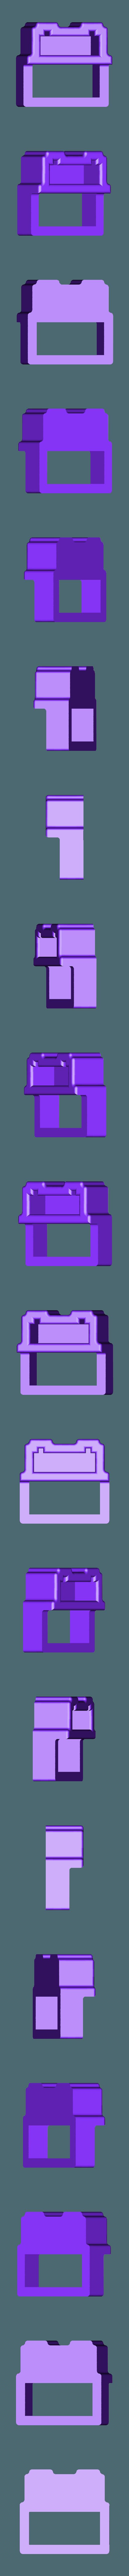 balance_lipo_protection.stl Télécharger fichier STL gratuit CAPUCHON BALANCE LIPO PROTECTION 4S • Plan pour imprimante 3D, Rhizamax